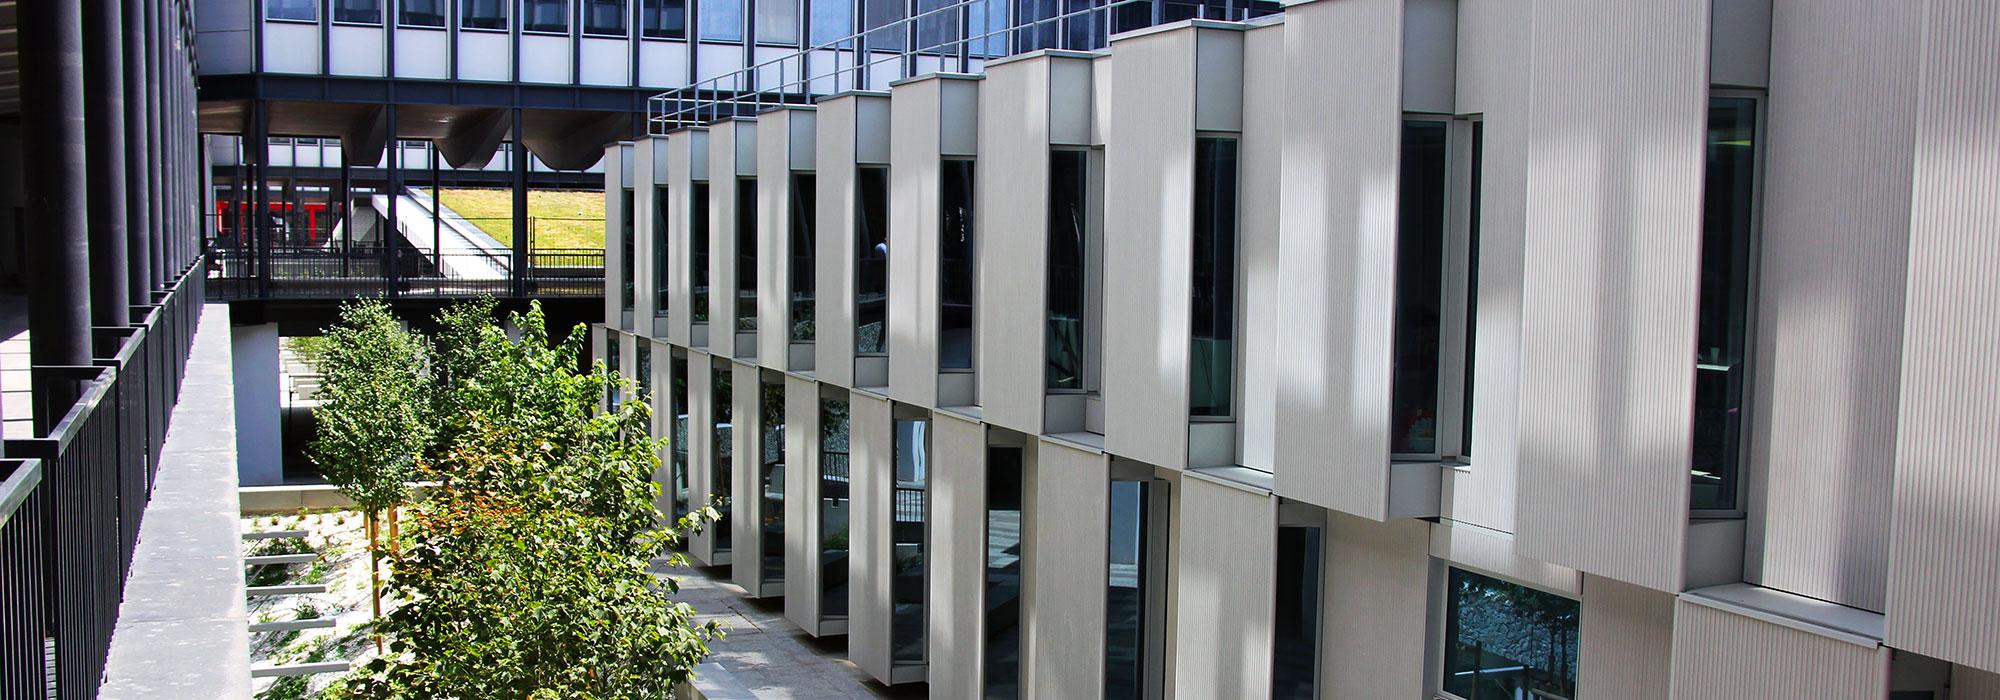 facal-campus-de-jussieu